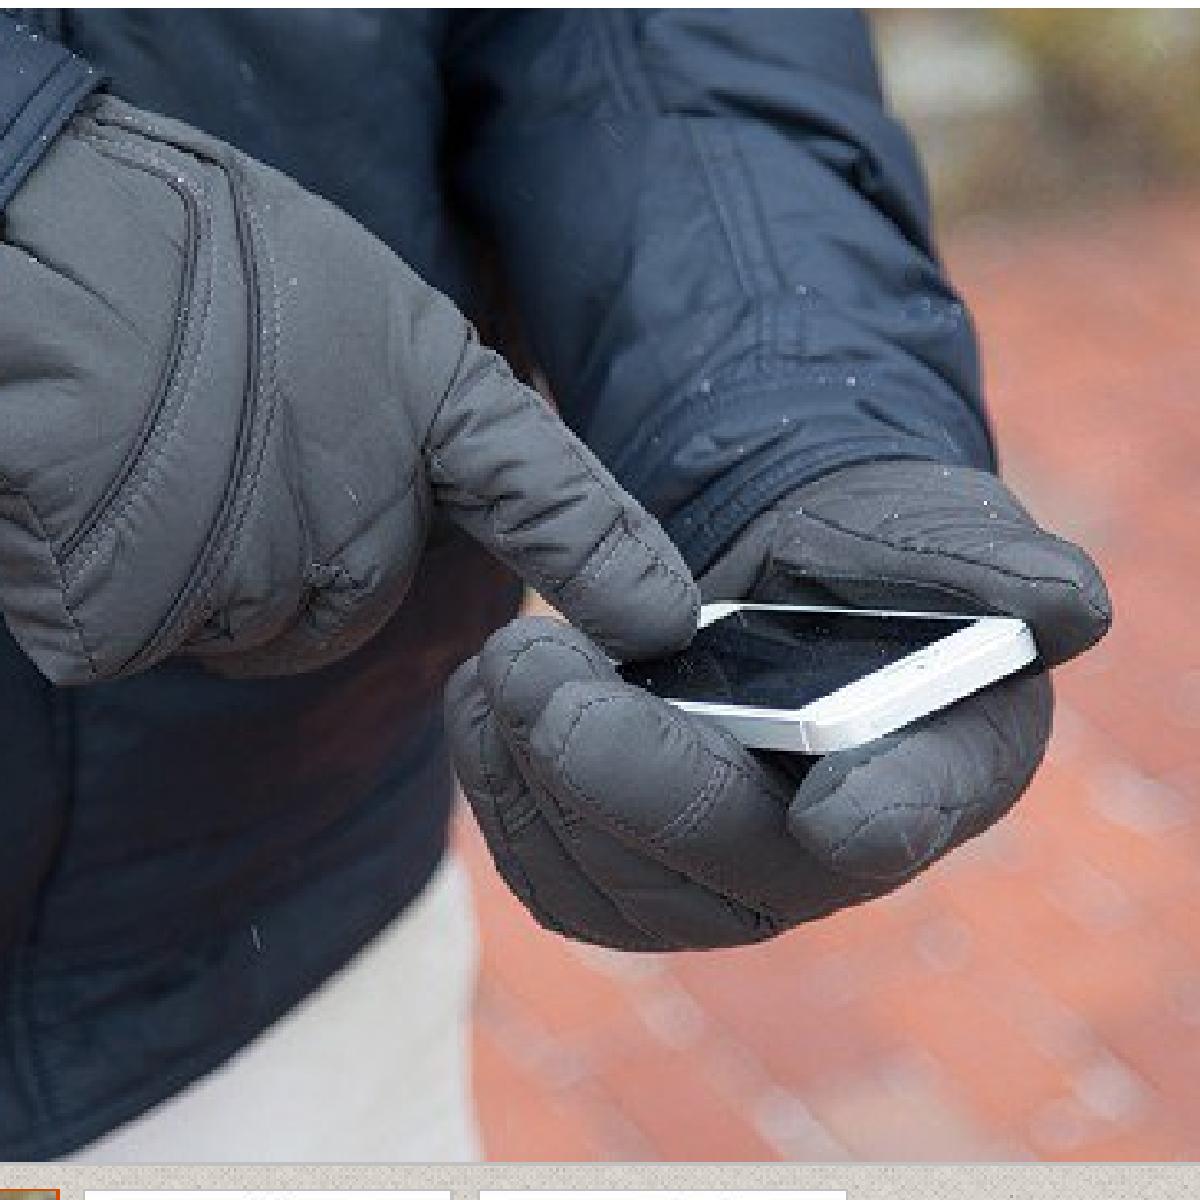 Des nanoparticules appliquées sur les gants pour pouvoir utiliser les écrans tactiles.